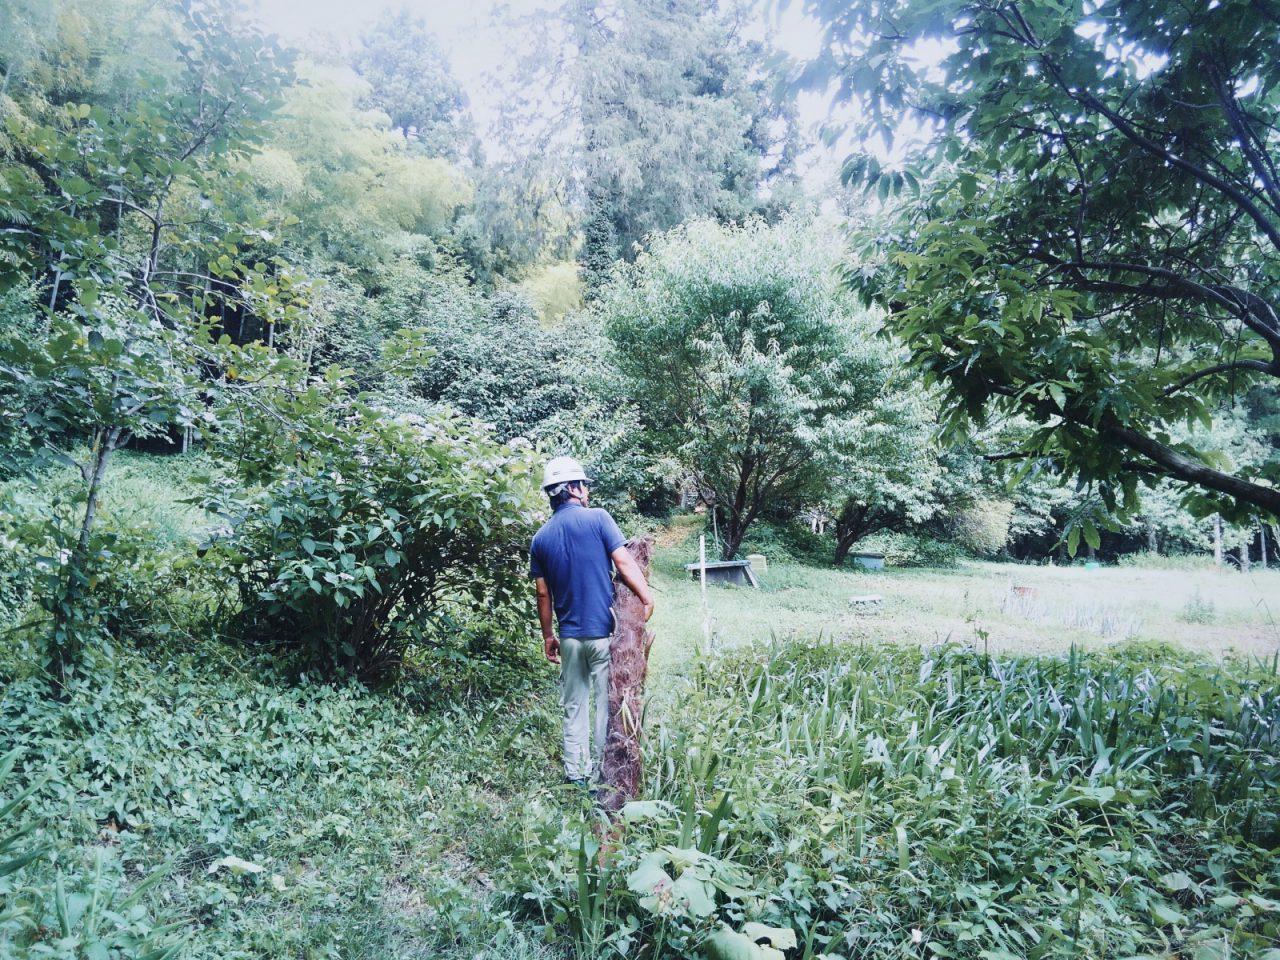 シュロの木の採集に日の出町の山と森を訪ねた渡邉監督。「ホウキづくり」ワークショップのリーダーを務めます。